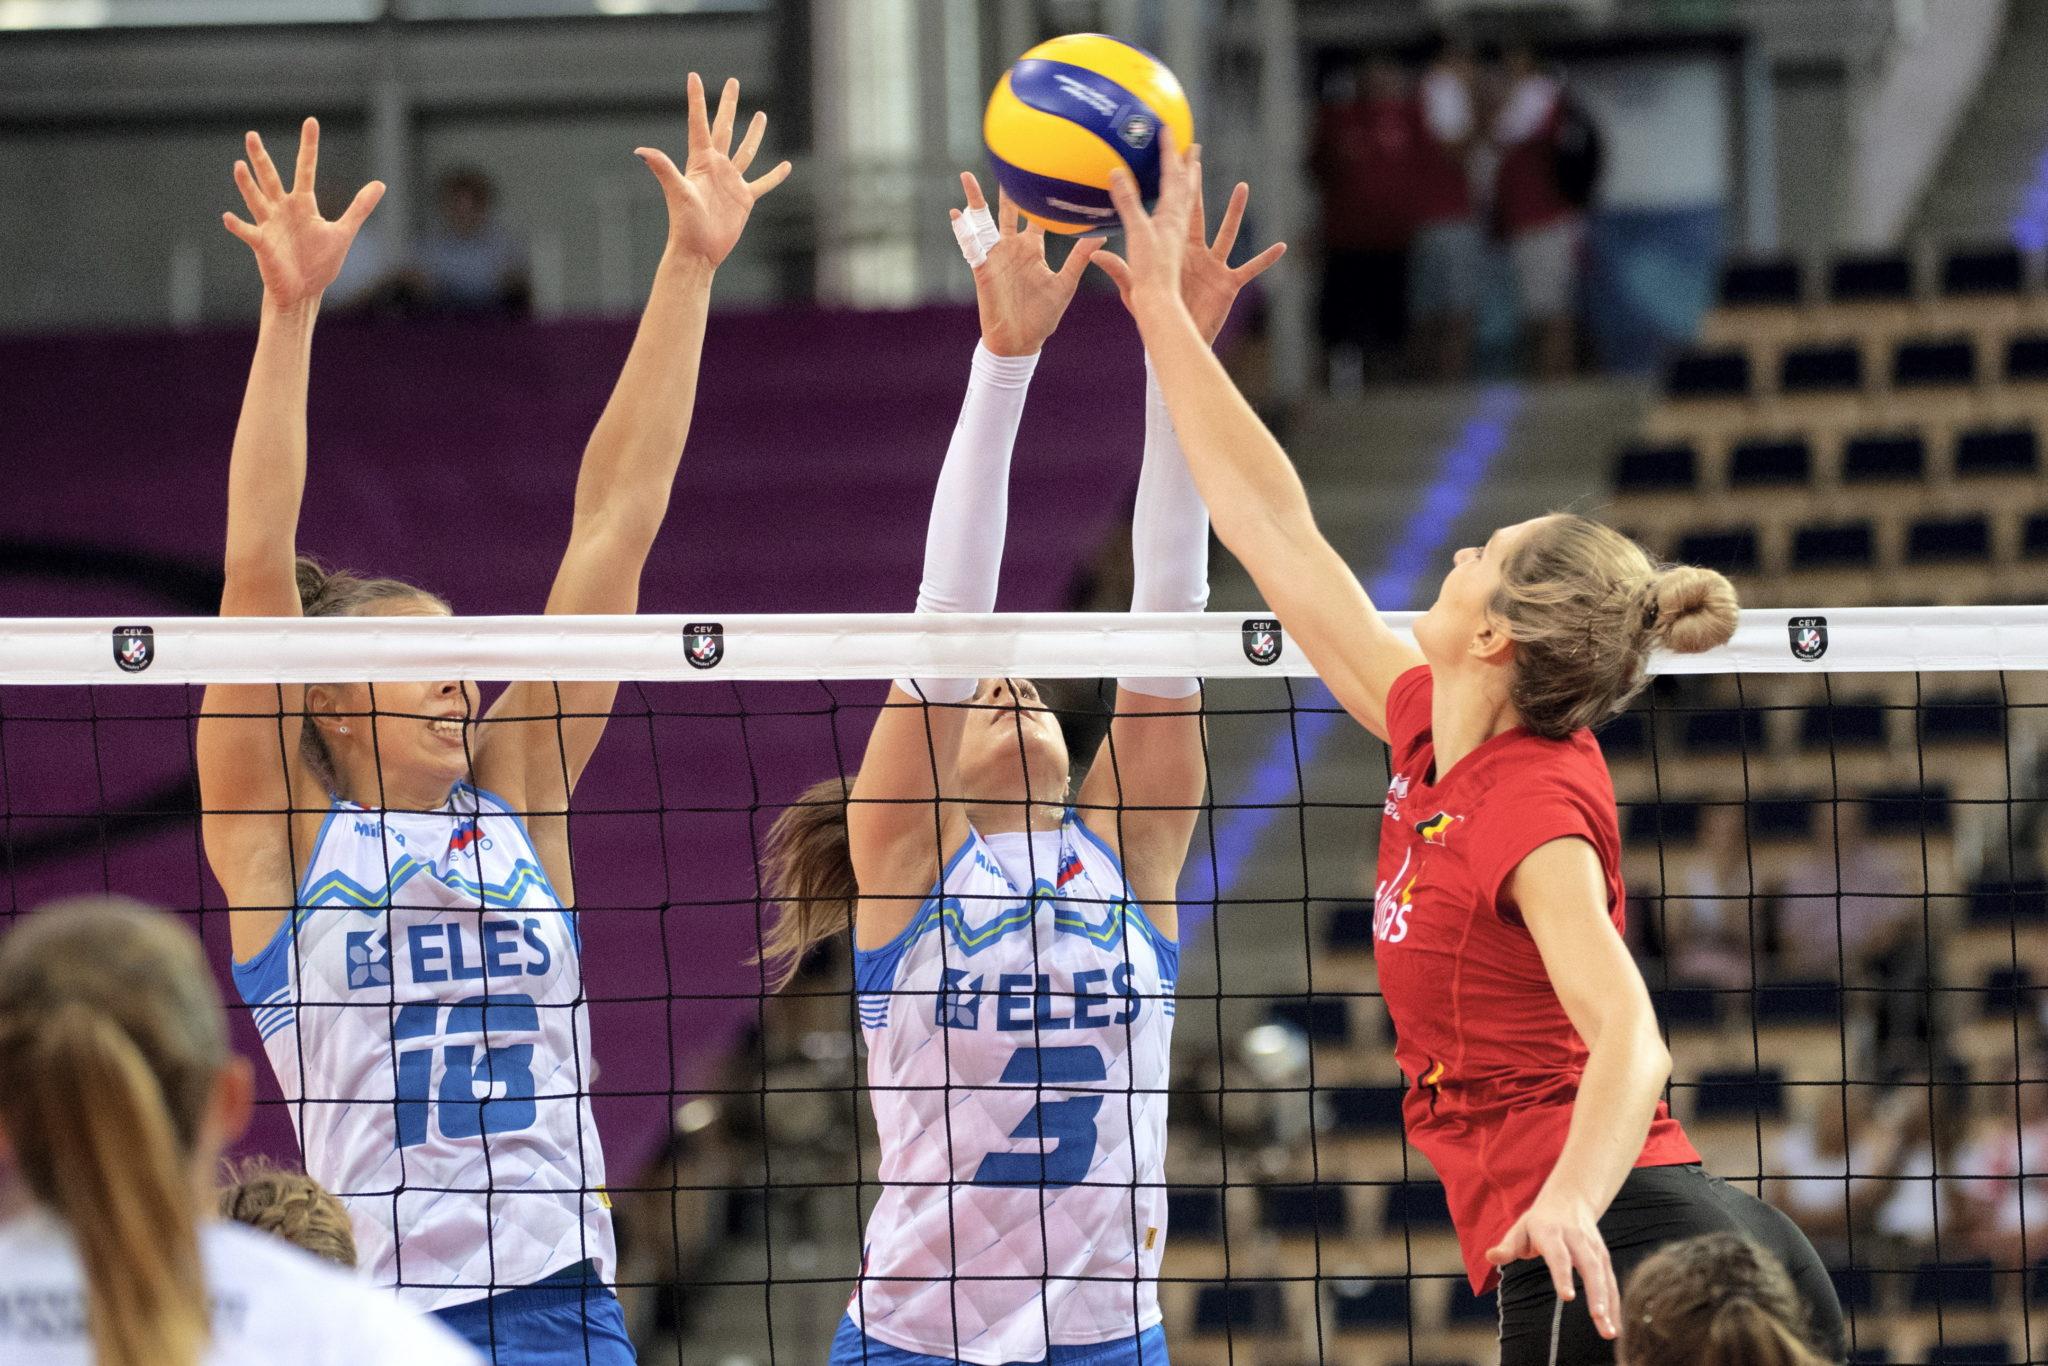 Polska: Belgijka Kaja Grobelna oraz Sasa Planinsec i Ana Vovk ze Słowenii podczas meczu mistrzostw Europy siatkarek grupa B w łódzkiej